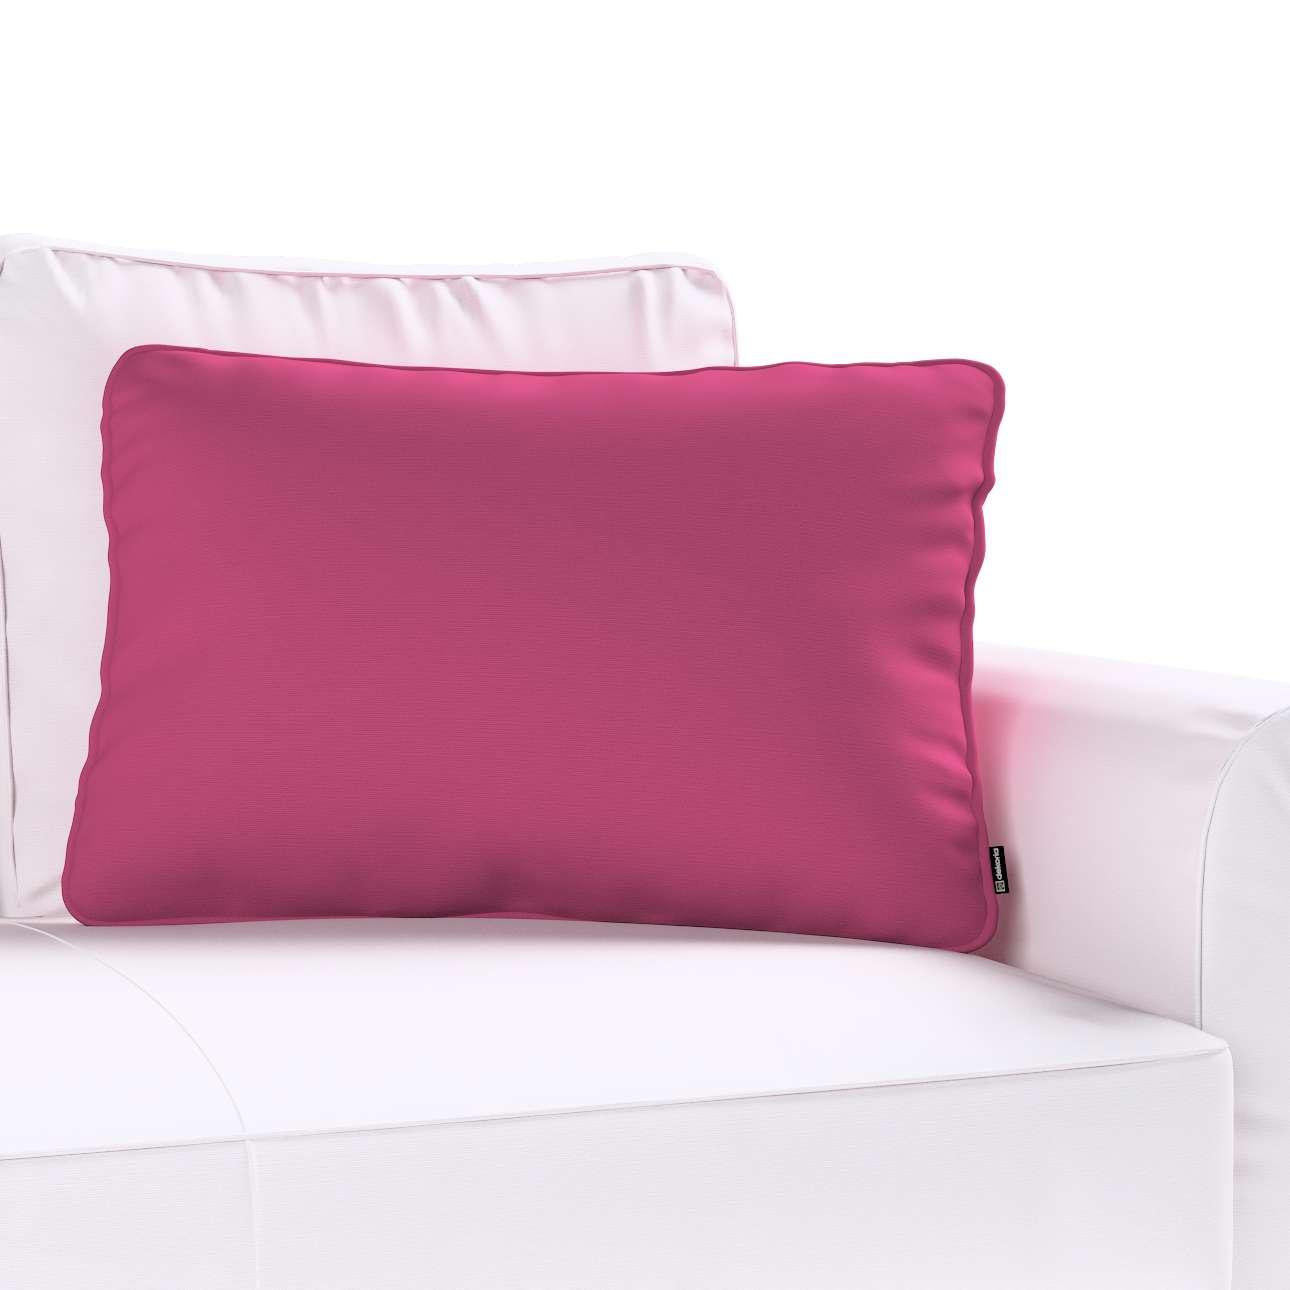 Poszewka Gabi na poduszkę prostokątna 60x40cm w kolekcji Cotton Panama, tkanina: 702-32